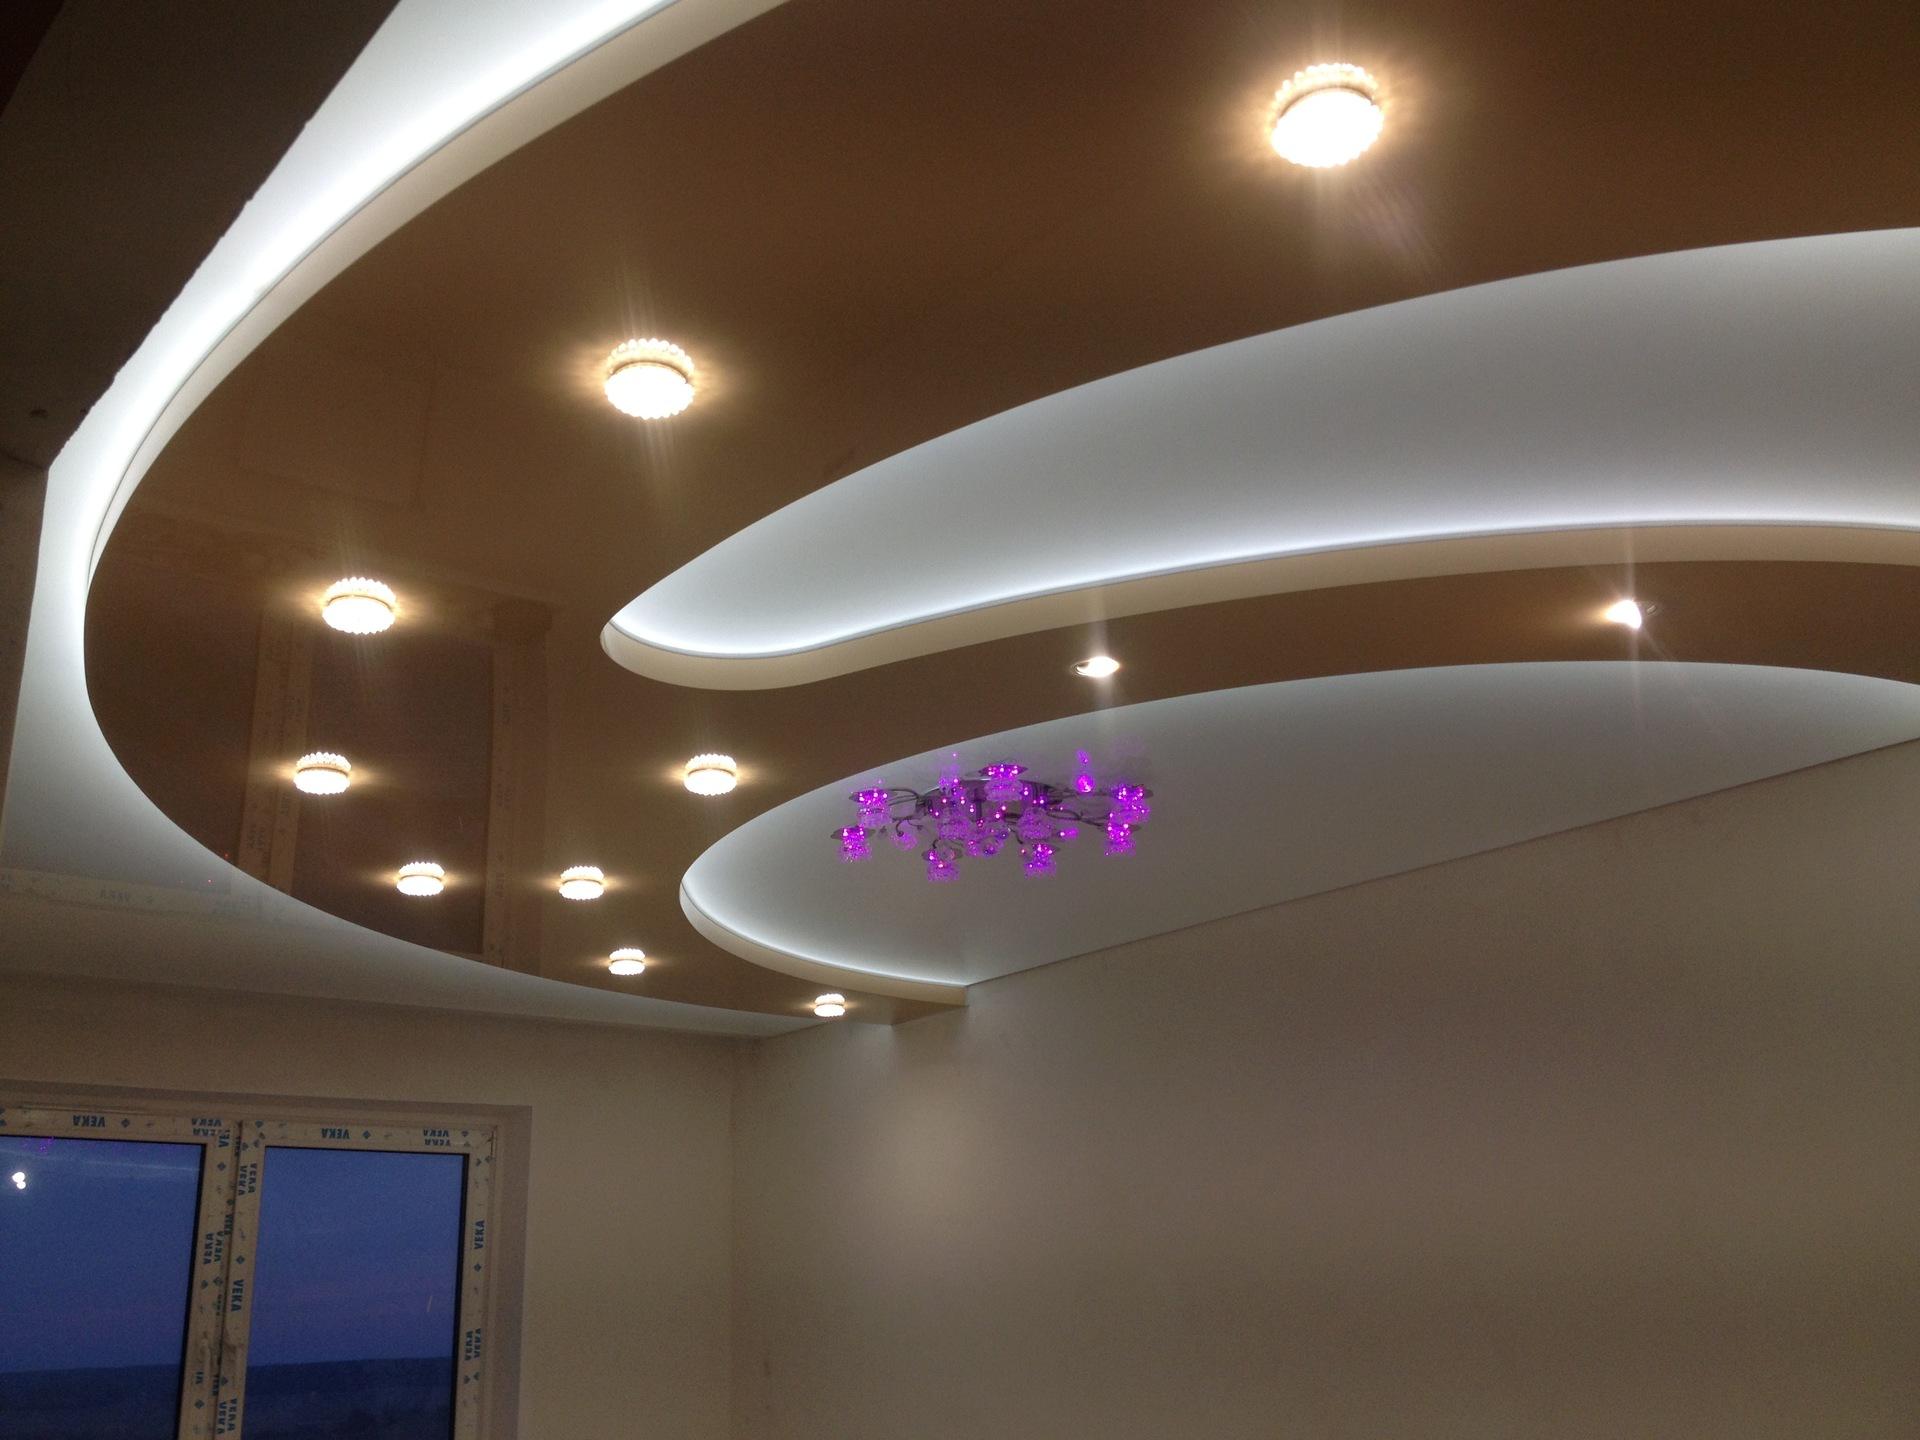 фото многоуровневых потолков с подсветкой славится